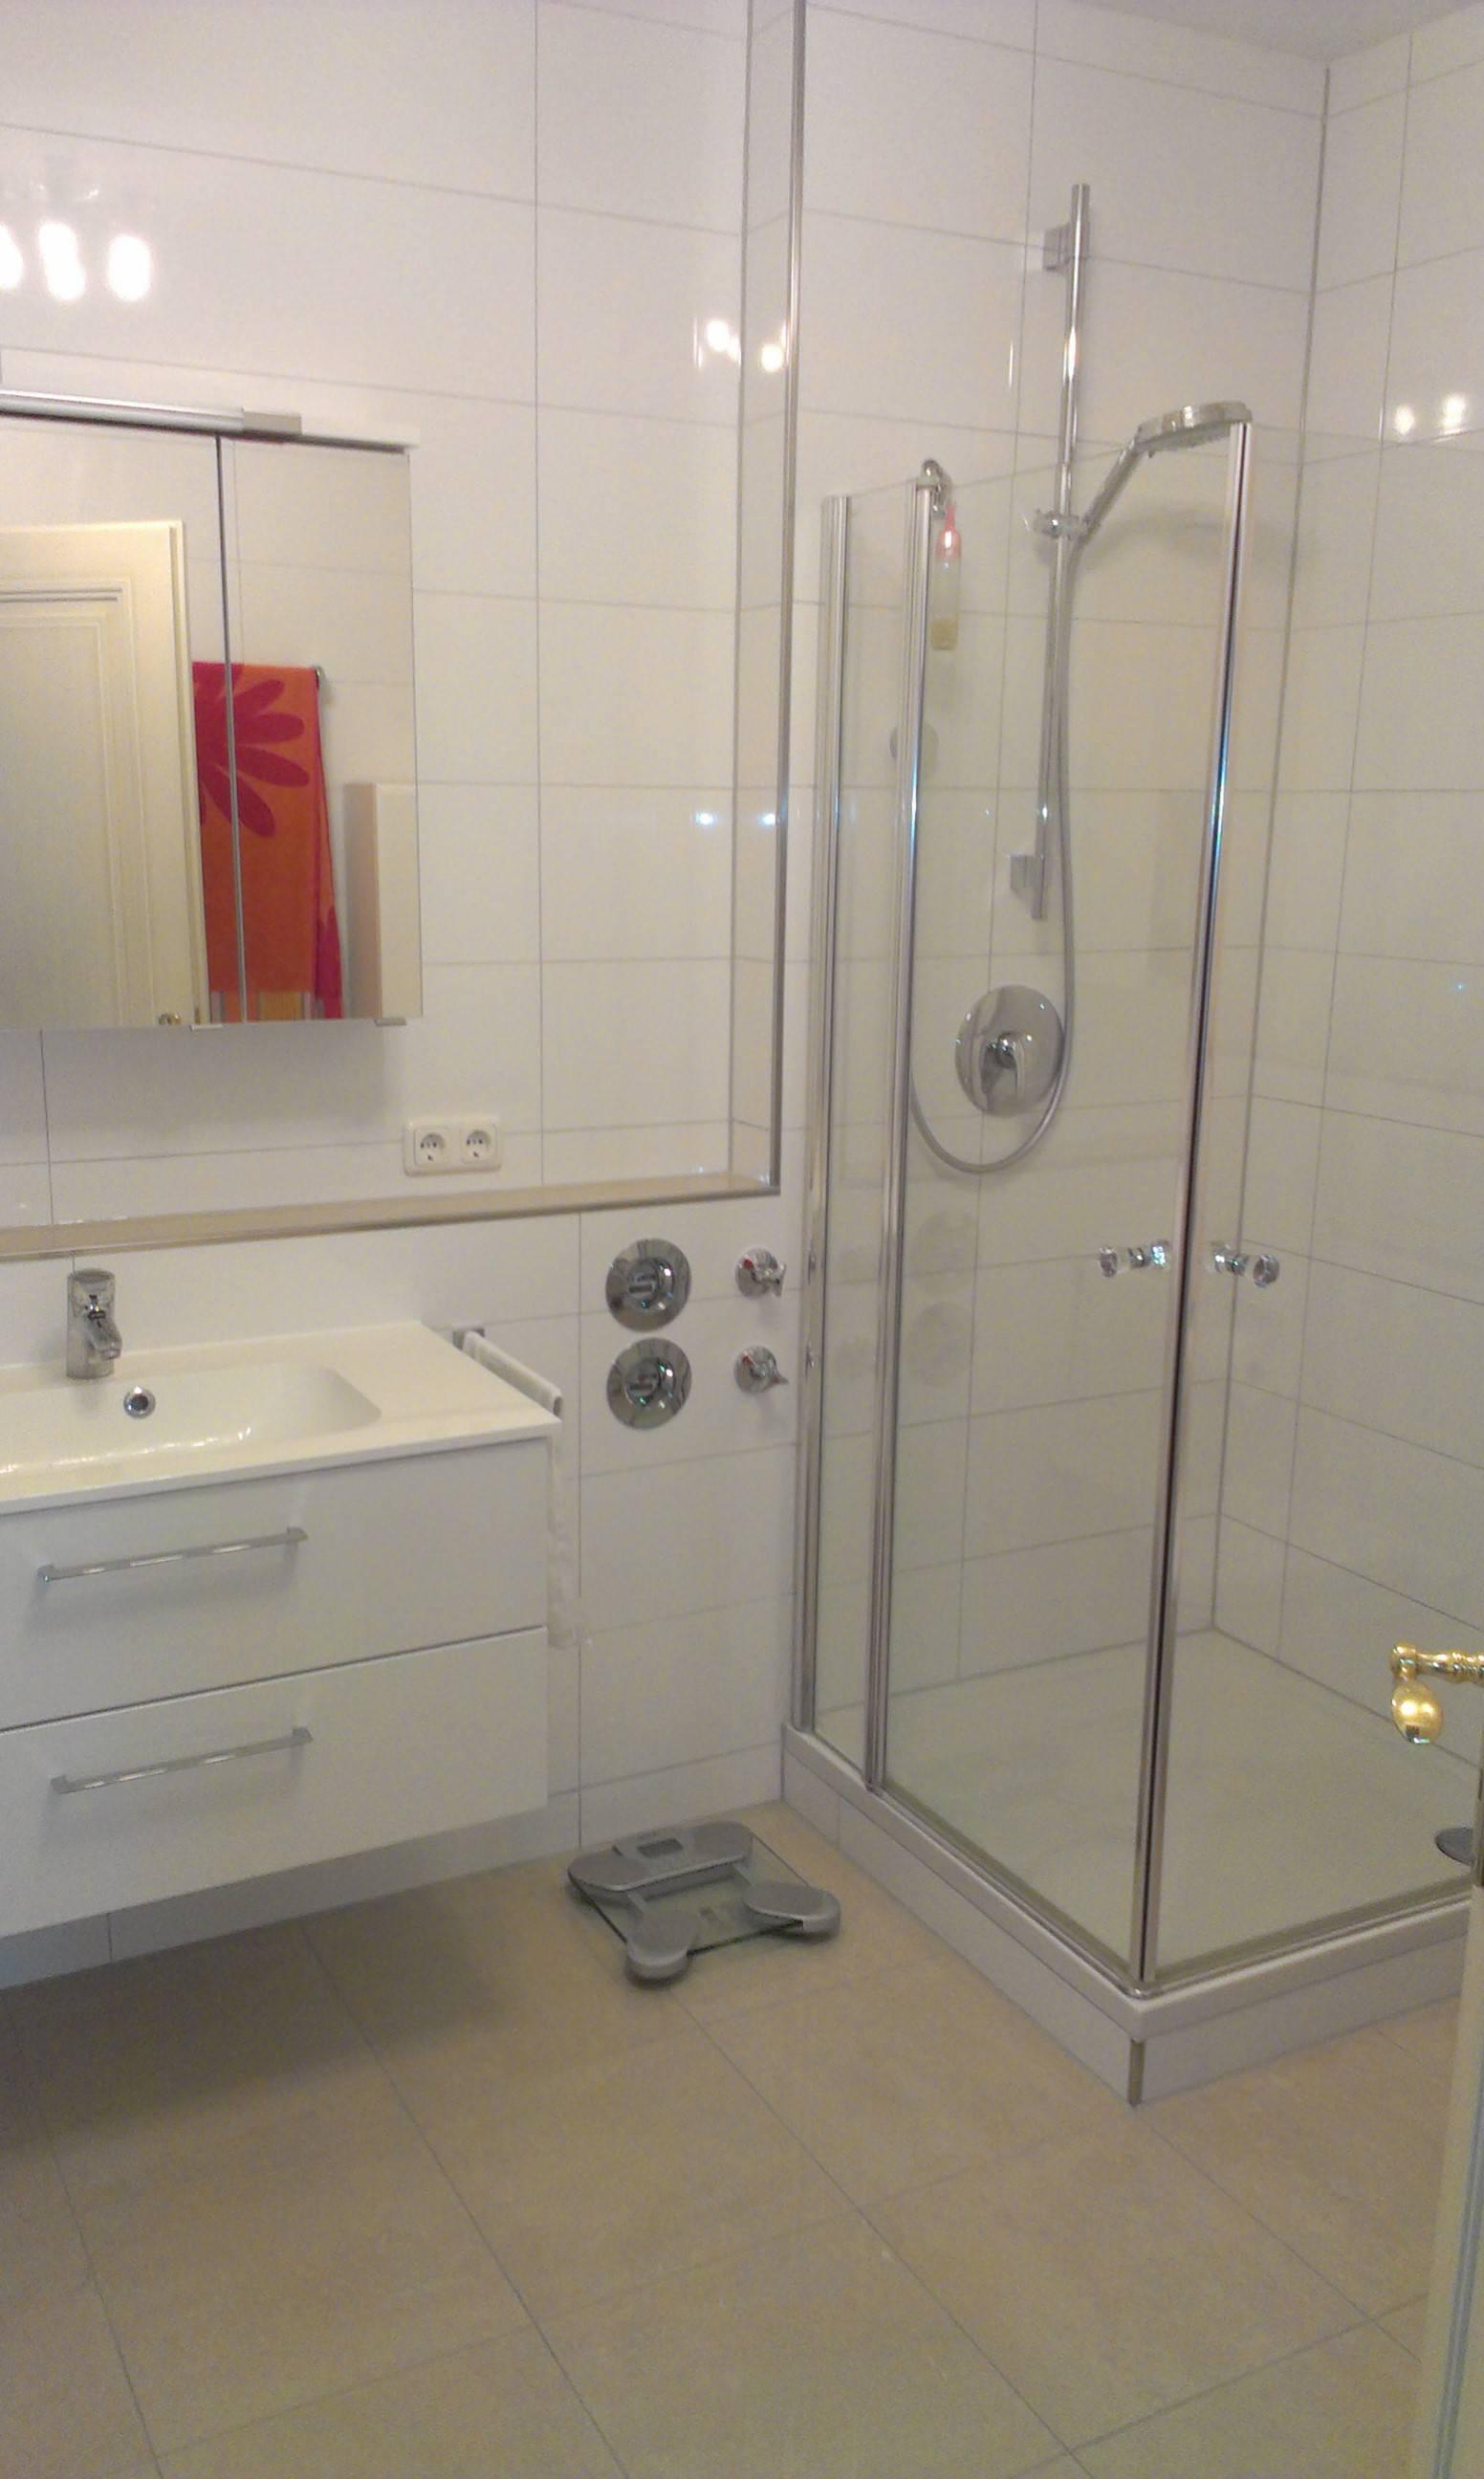 Фото №5 квартиры в Аугсбург за 650.000 евро евро